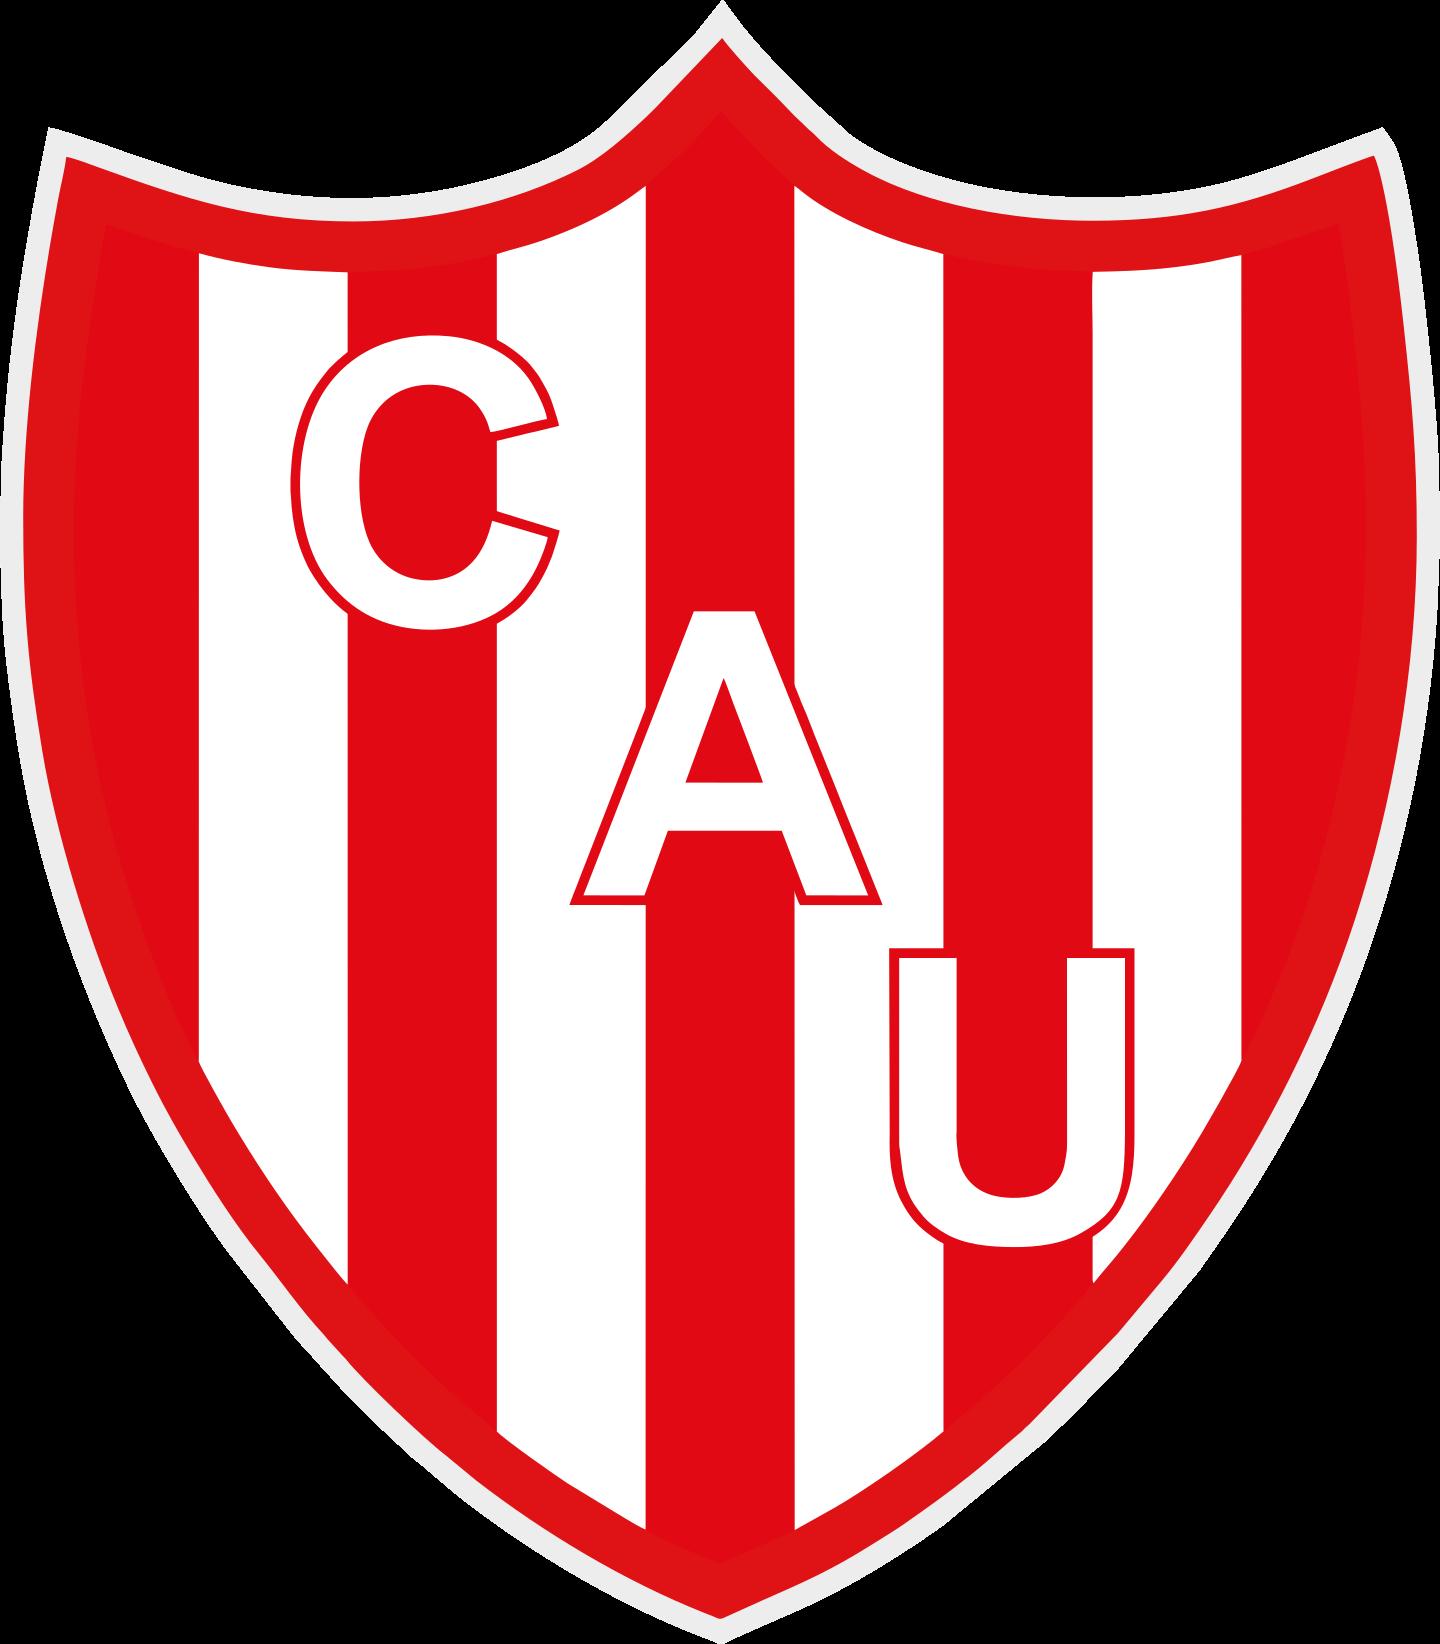 ca union logo 2 - Club Atlético Unión Logo